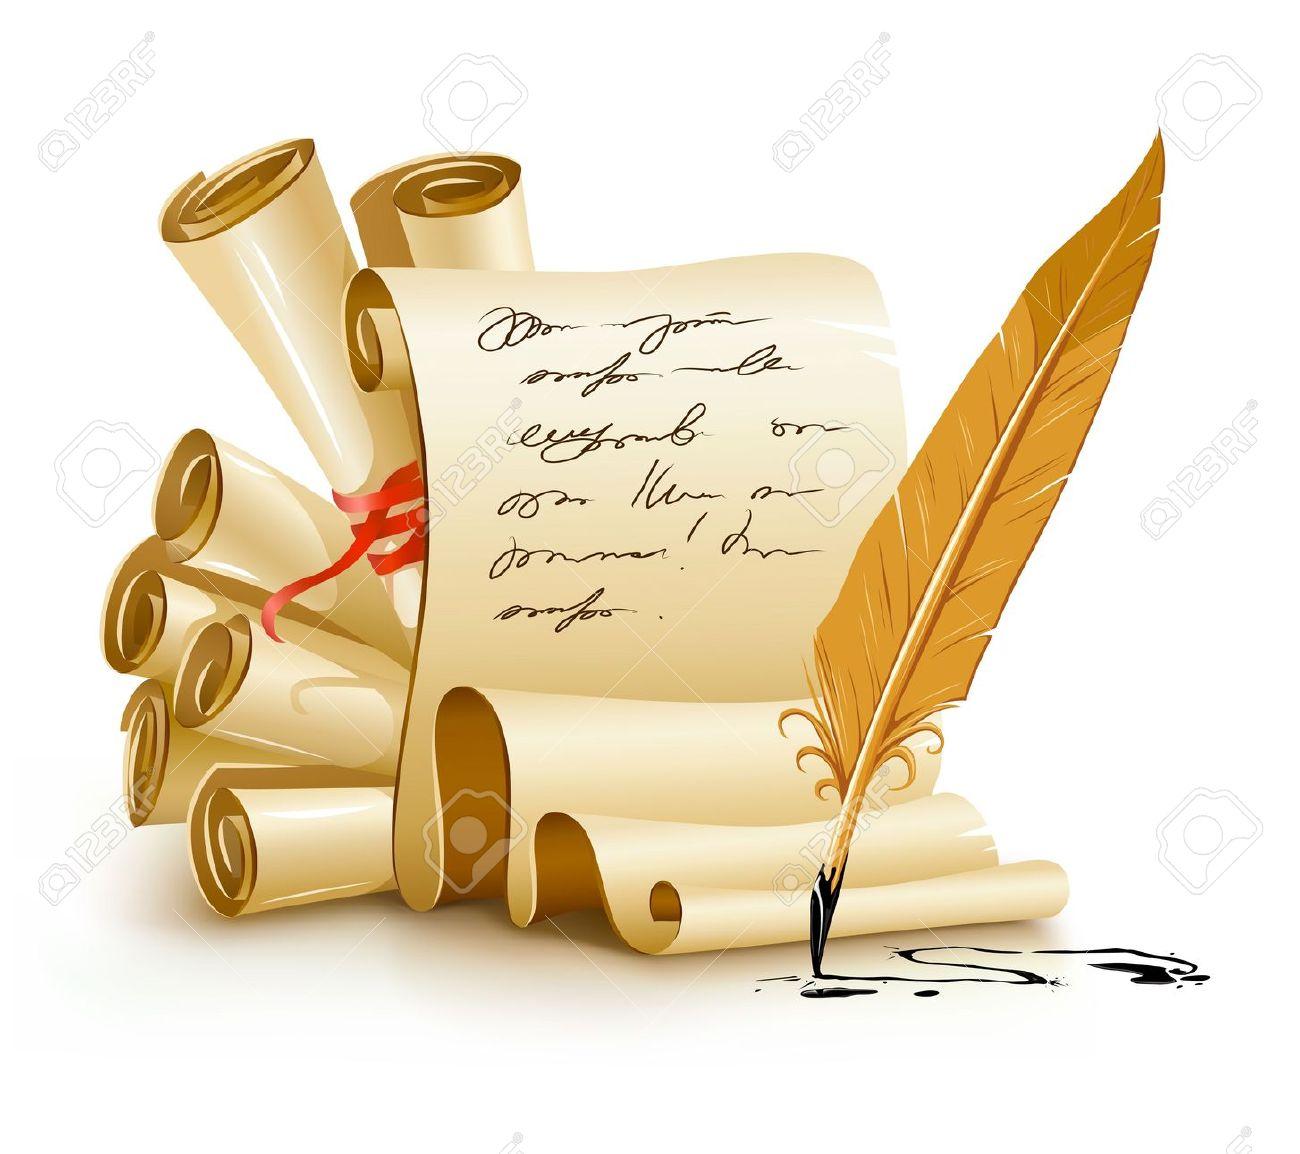 С днем поэзии! Свитки со стихами и перо открытки фото рисунки картинки поздравления